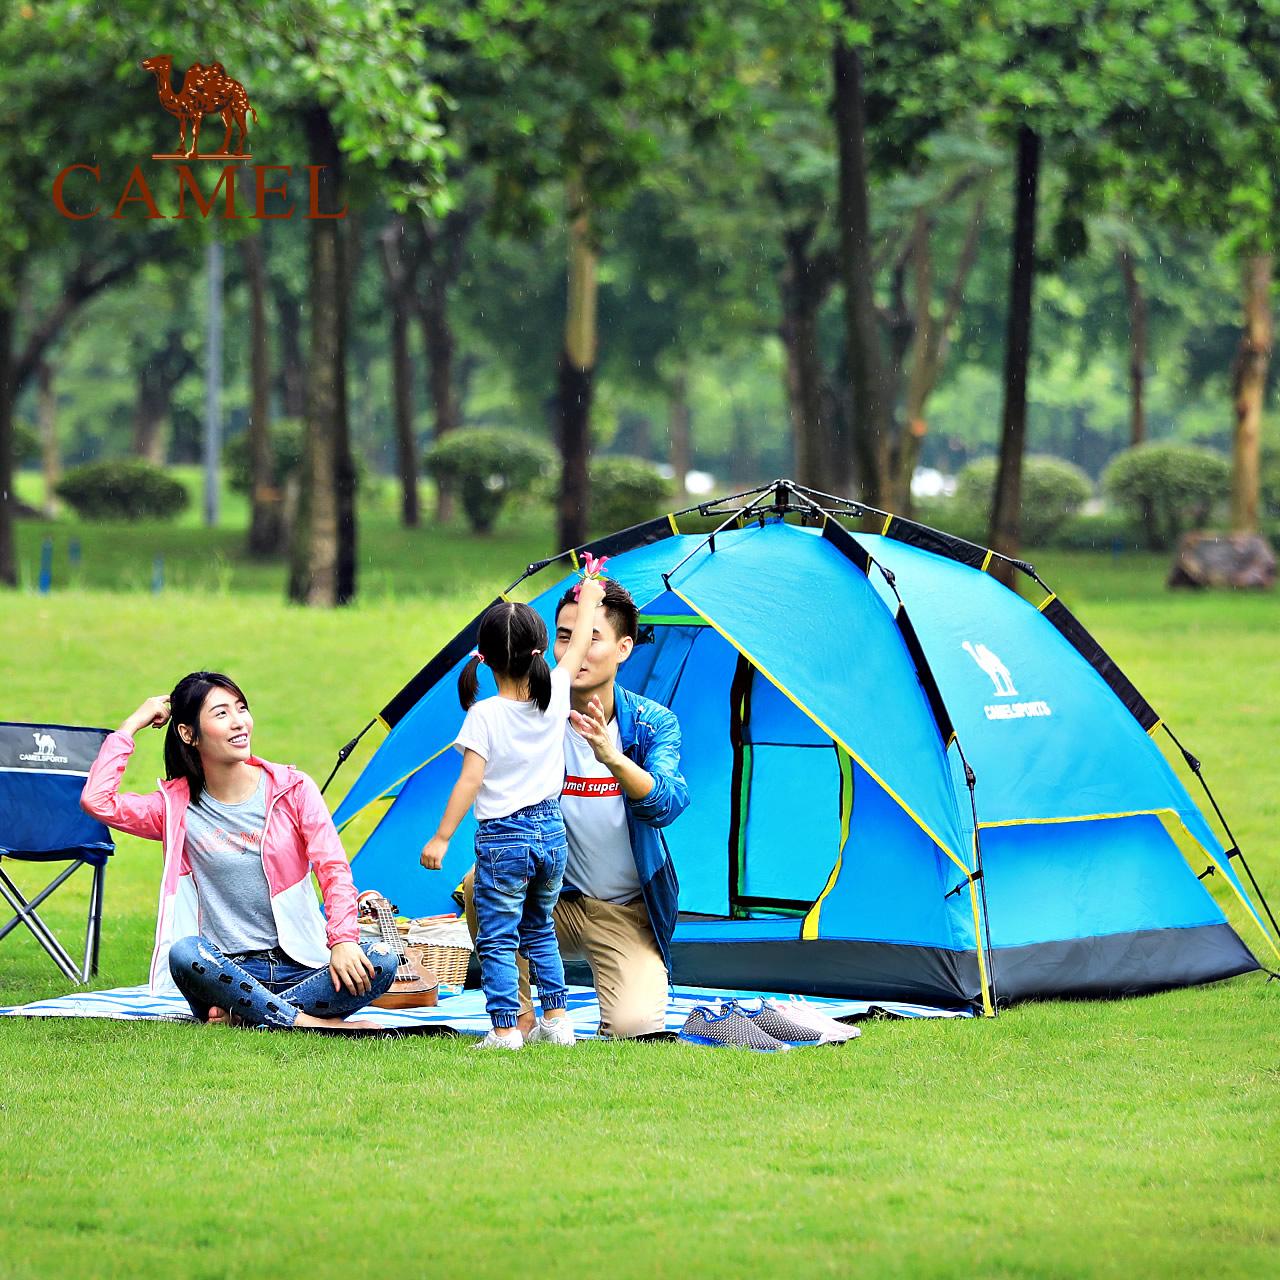 人野营野外帐篷 2 全自动加厚防雨 人 4 3 骆驼帐篷户外 万 49 热销